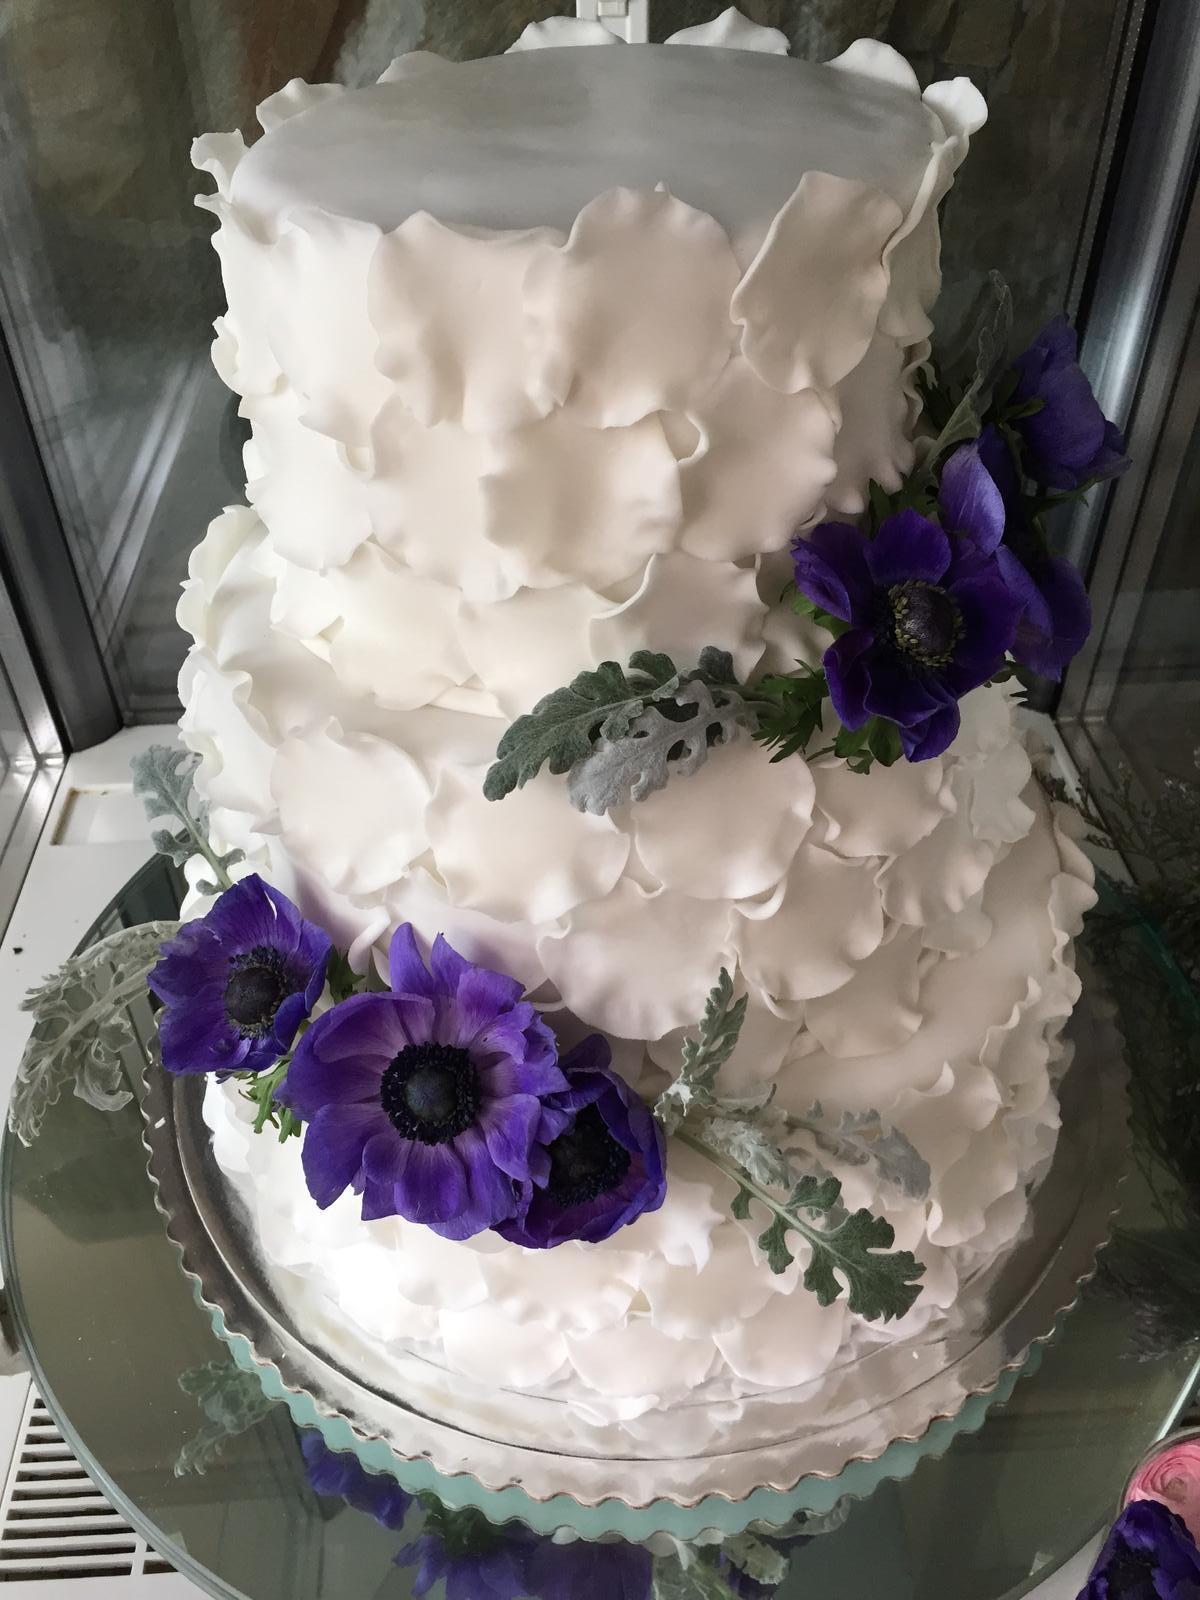 Svadba od Flover 1.5.2015 v lila vintage s akcentom elegancie:)čoskoro profi galéria... - Obrázok č. 25